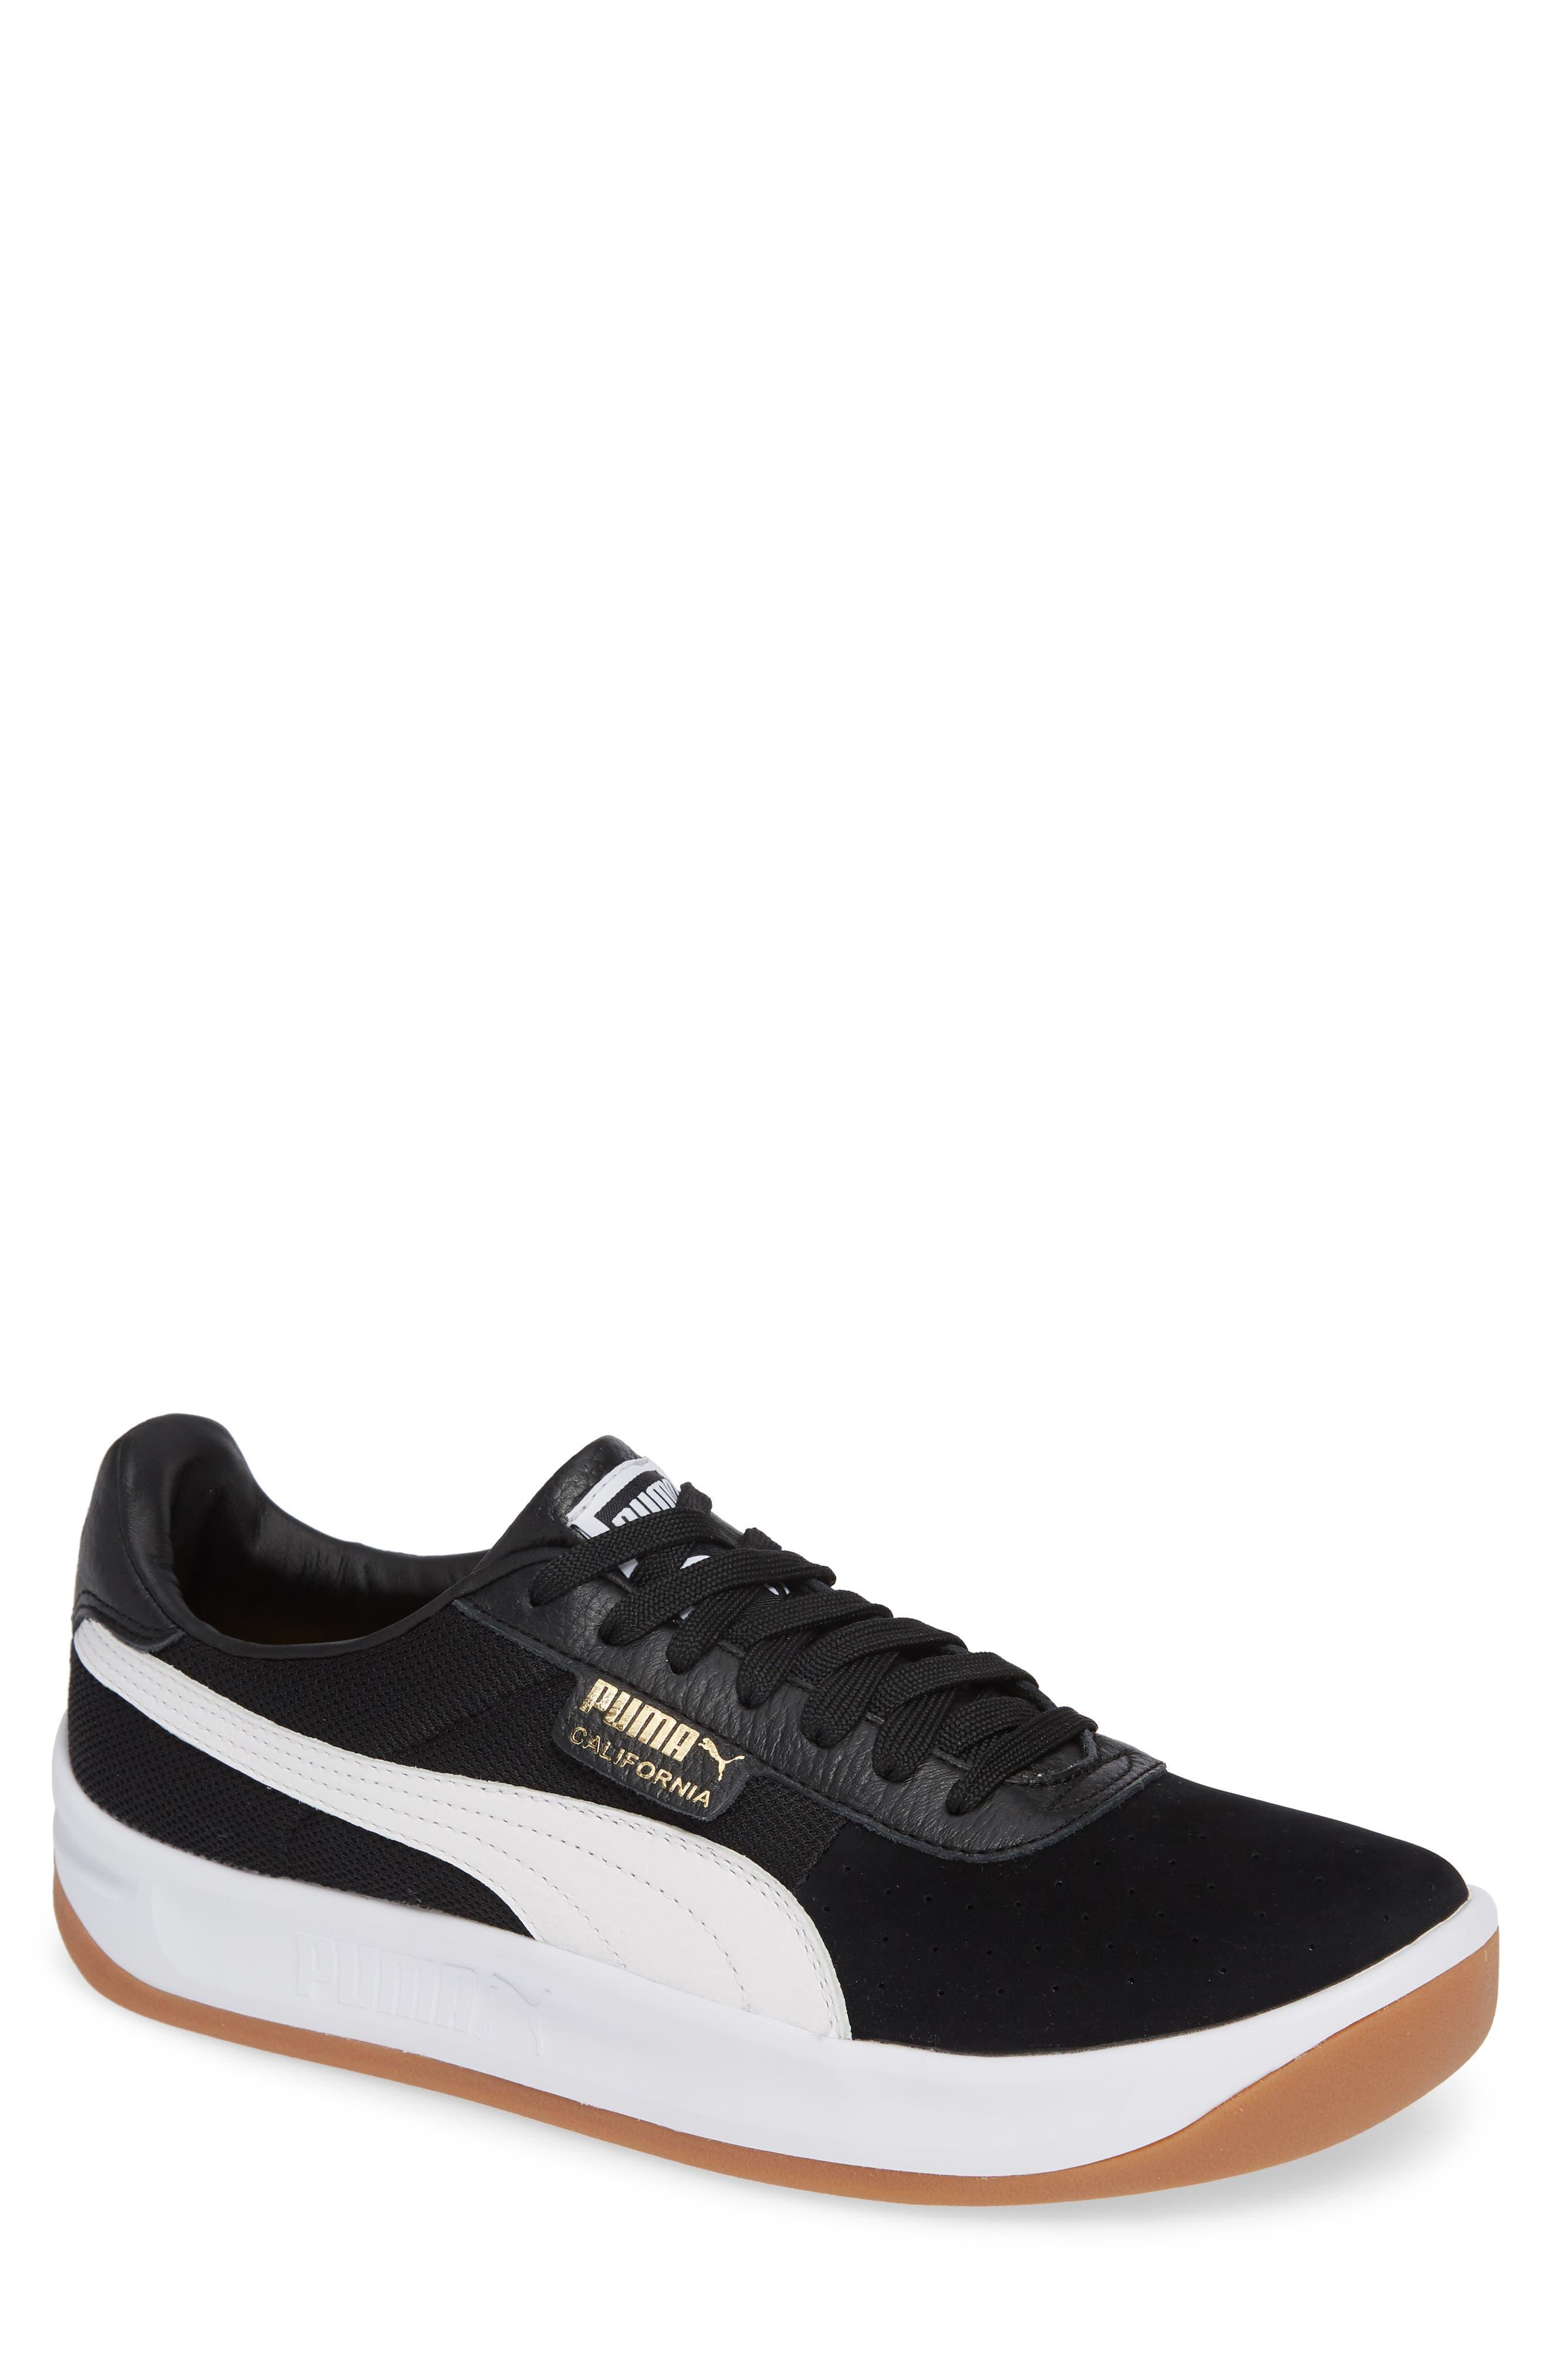 PUMA,                             California Casual Sneaker,                             Main thumbnail 1, color,                             001